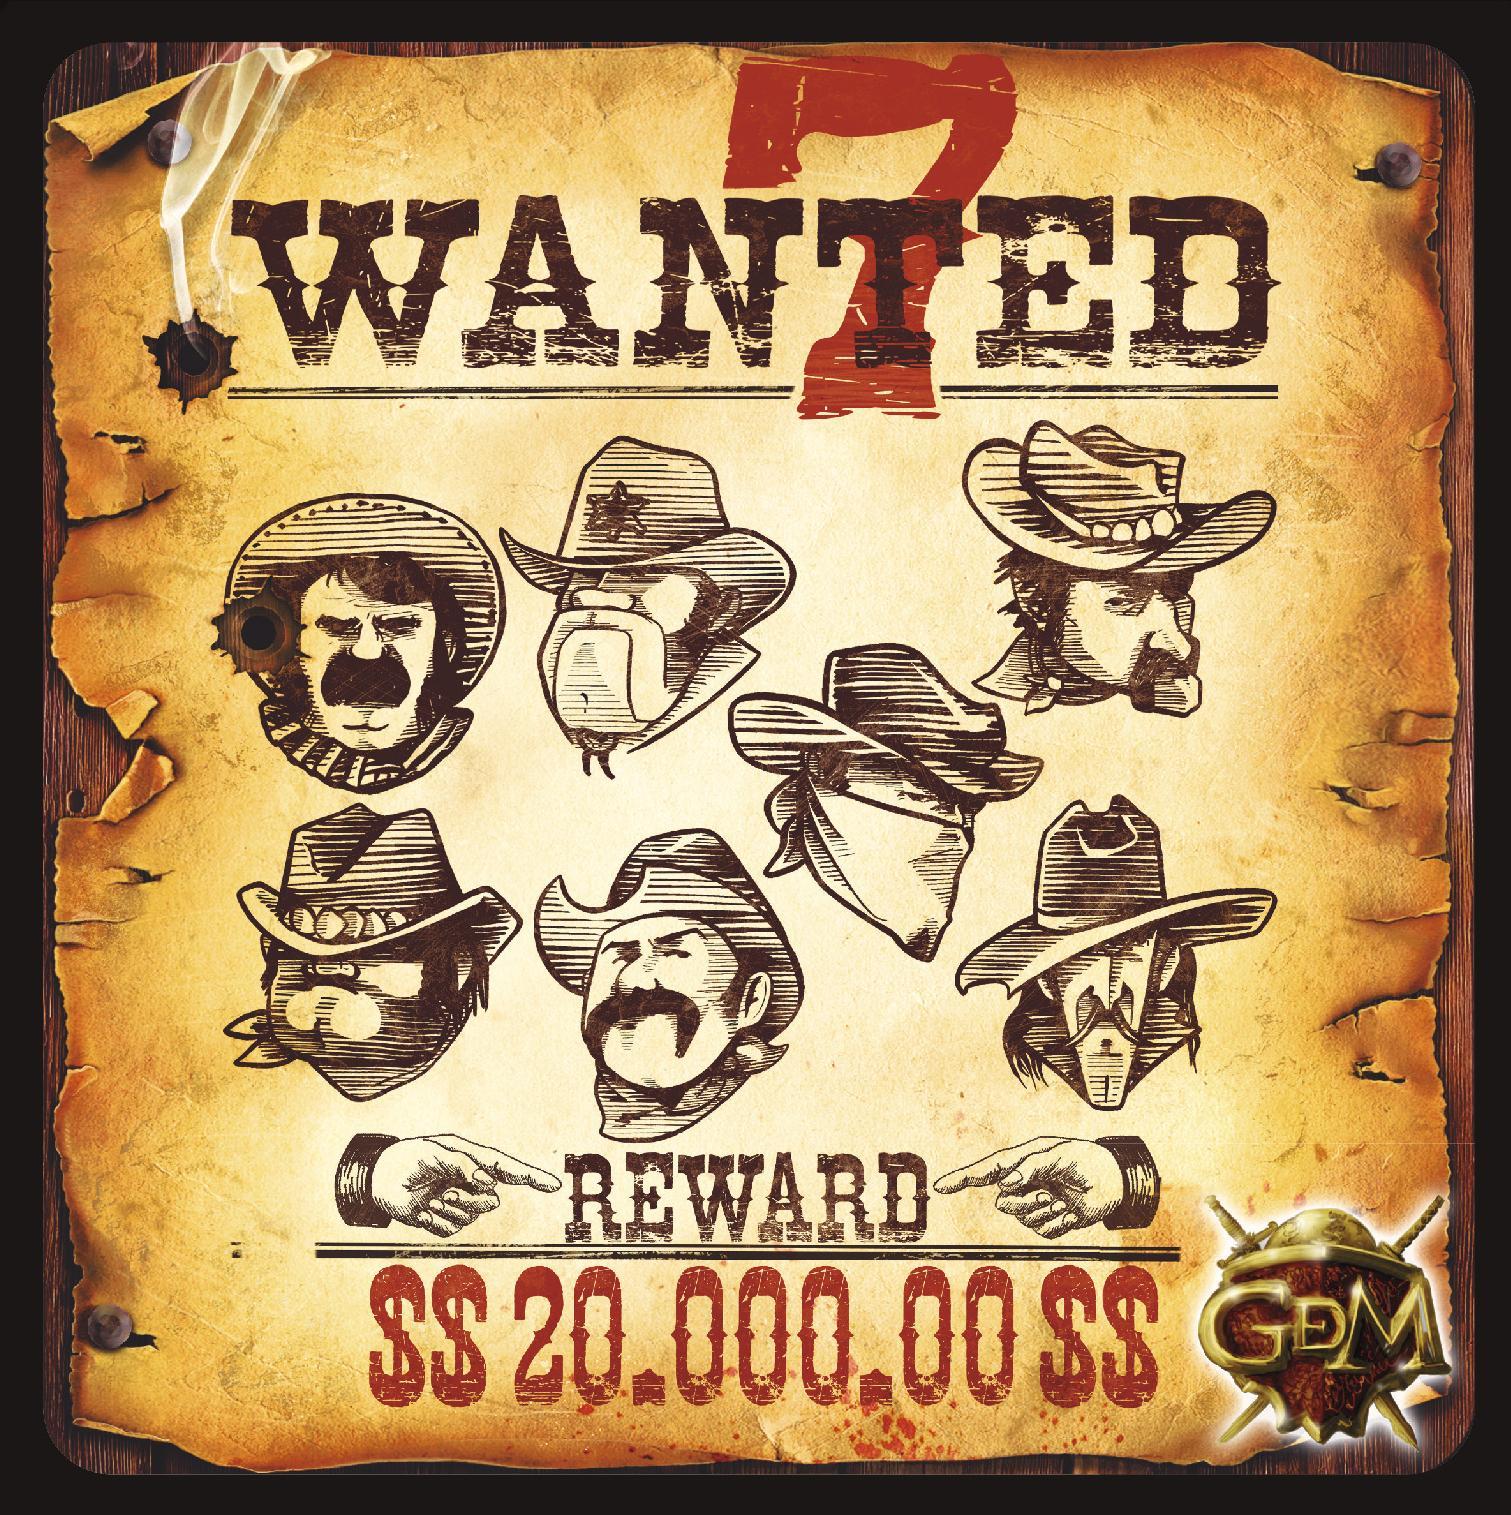 juego-mesa-wanted-7-2062227394.jpg